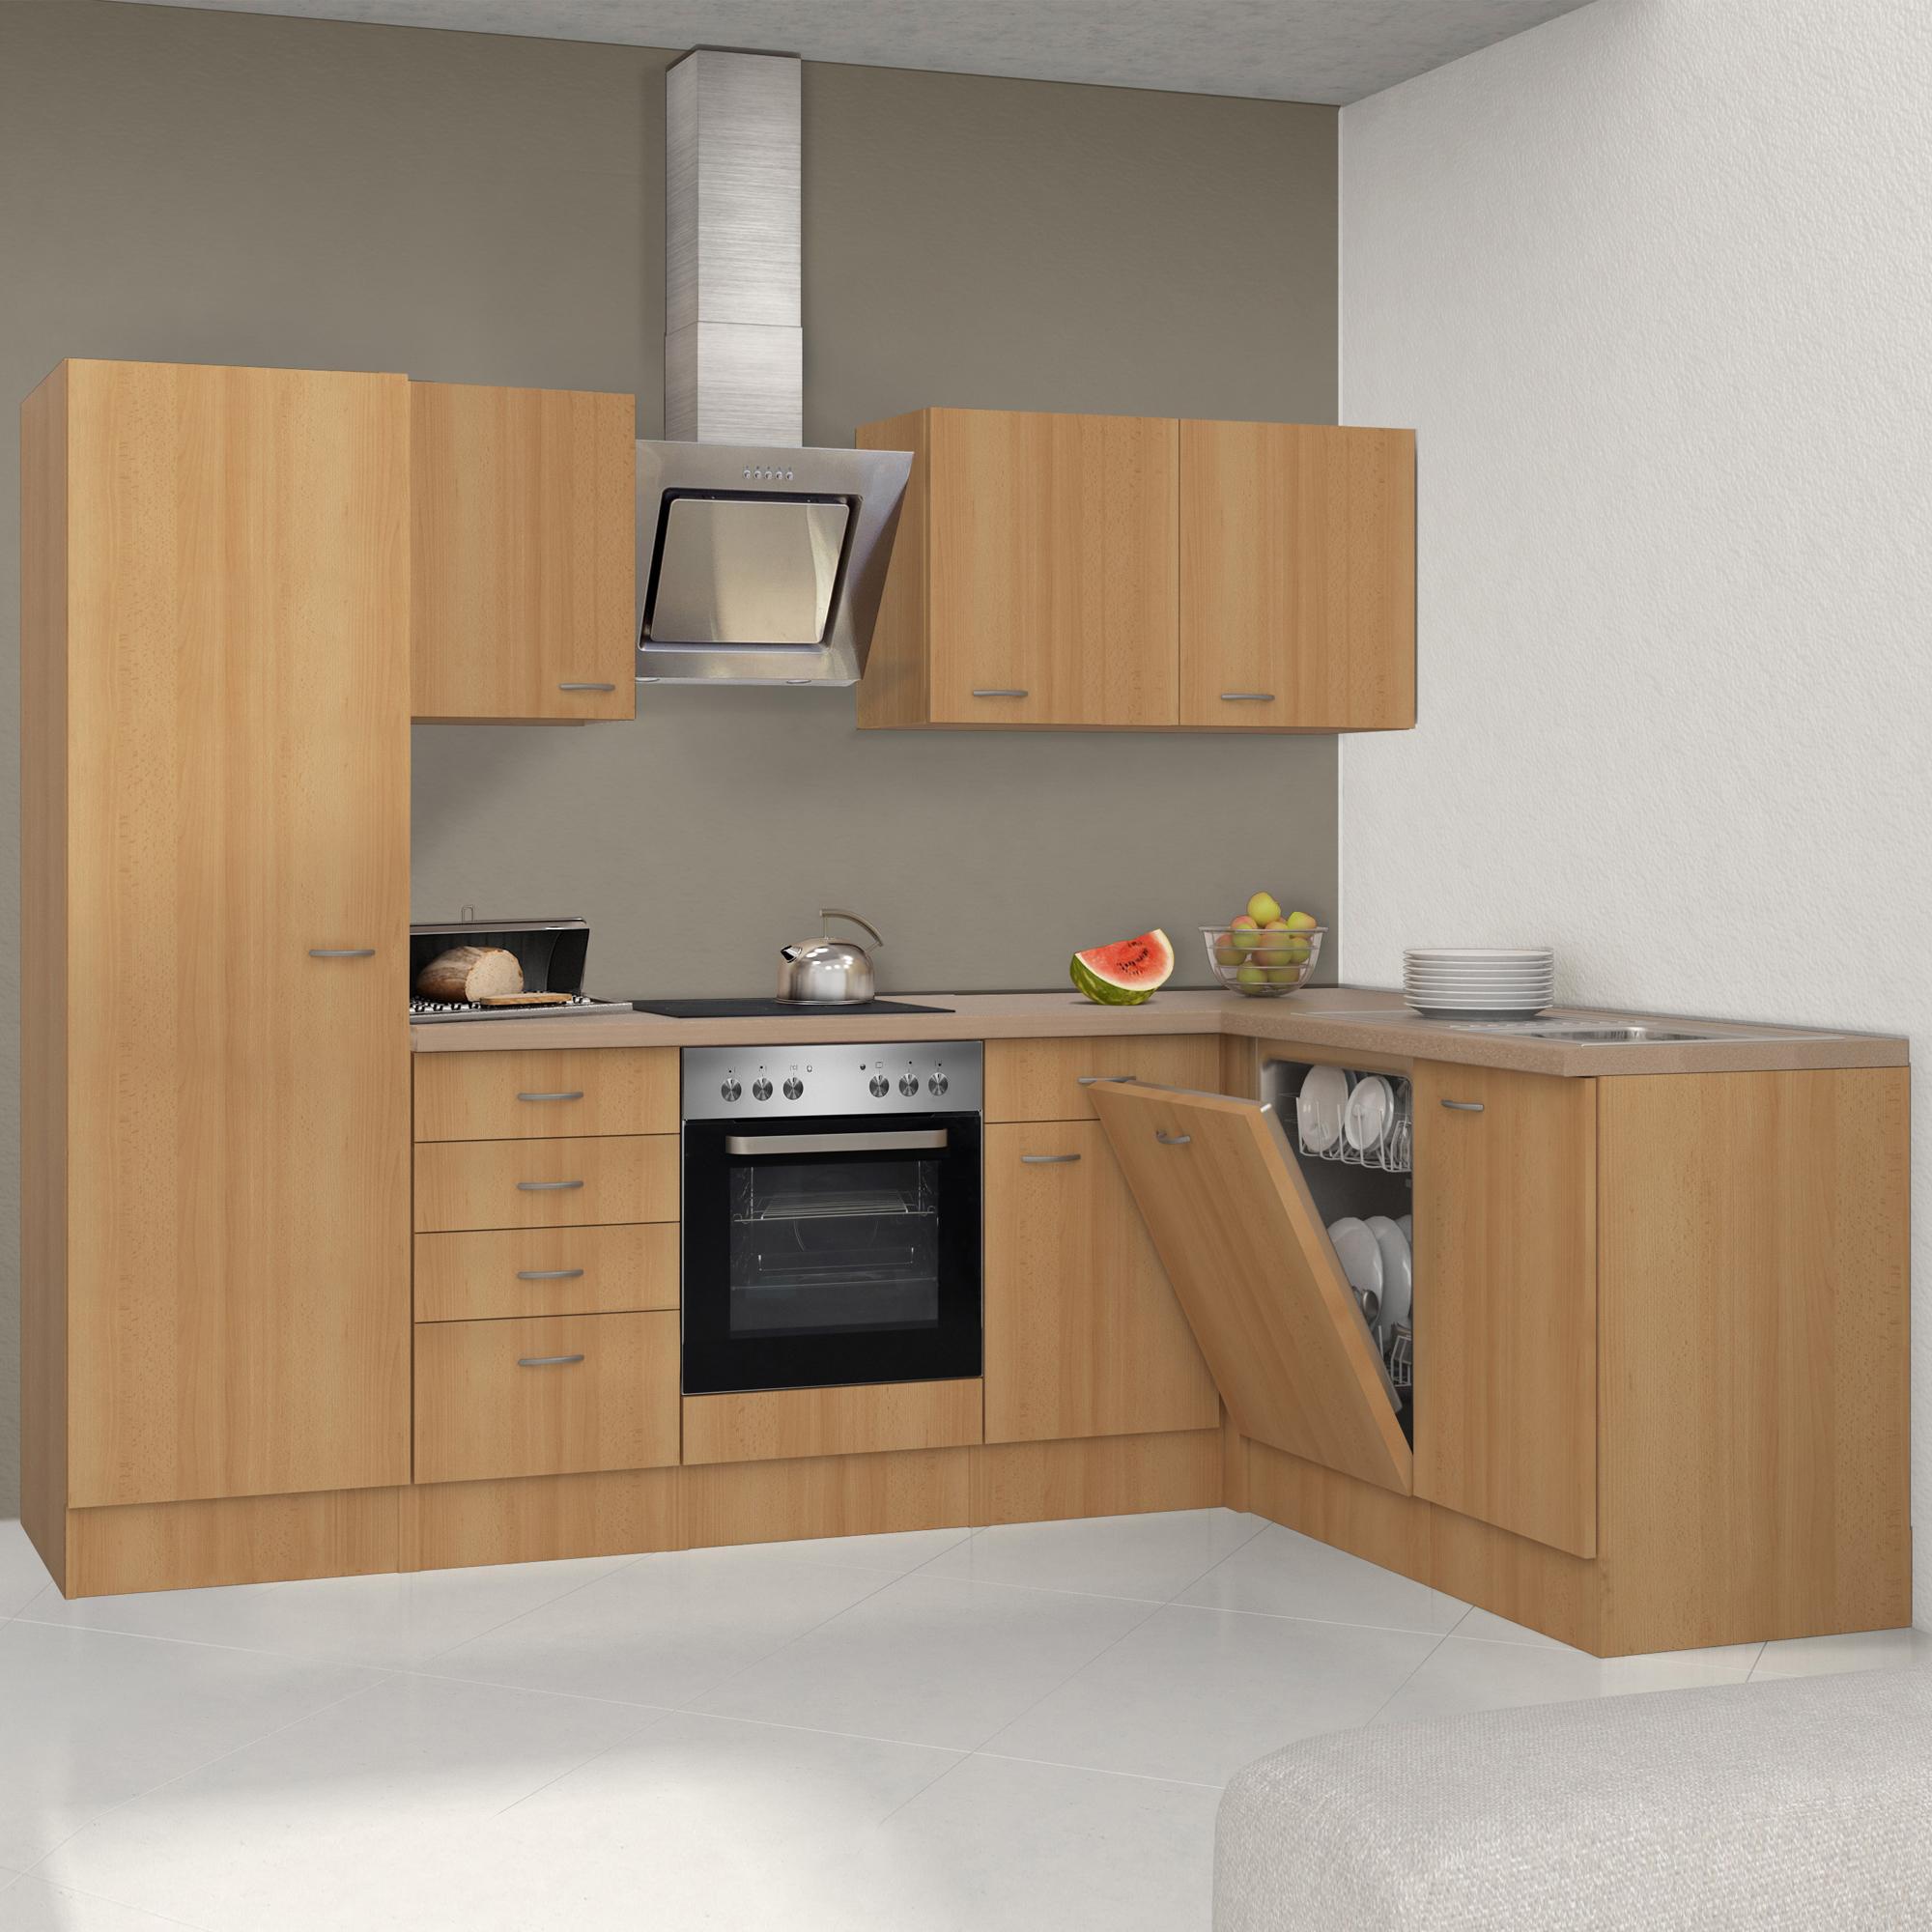 Küchen-Hochschrank NANO - 16-türig - 16 cm breit - Buche